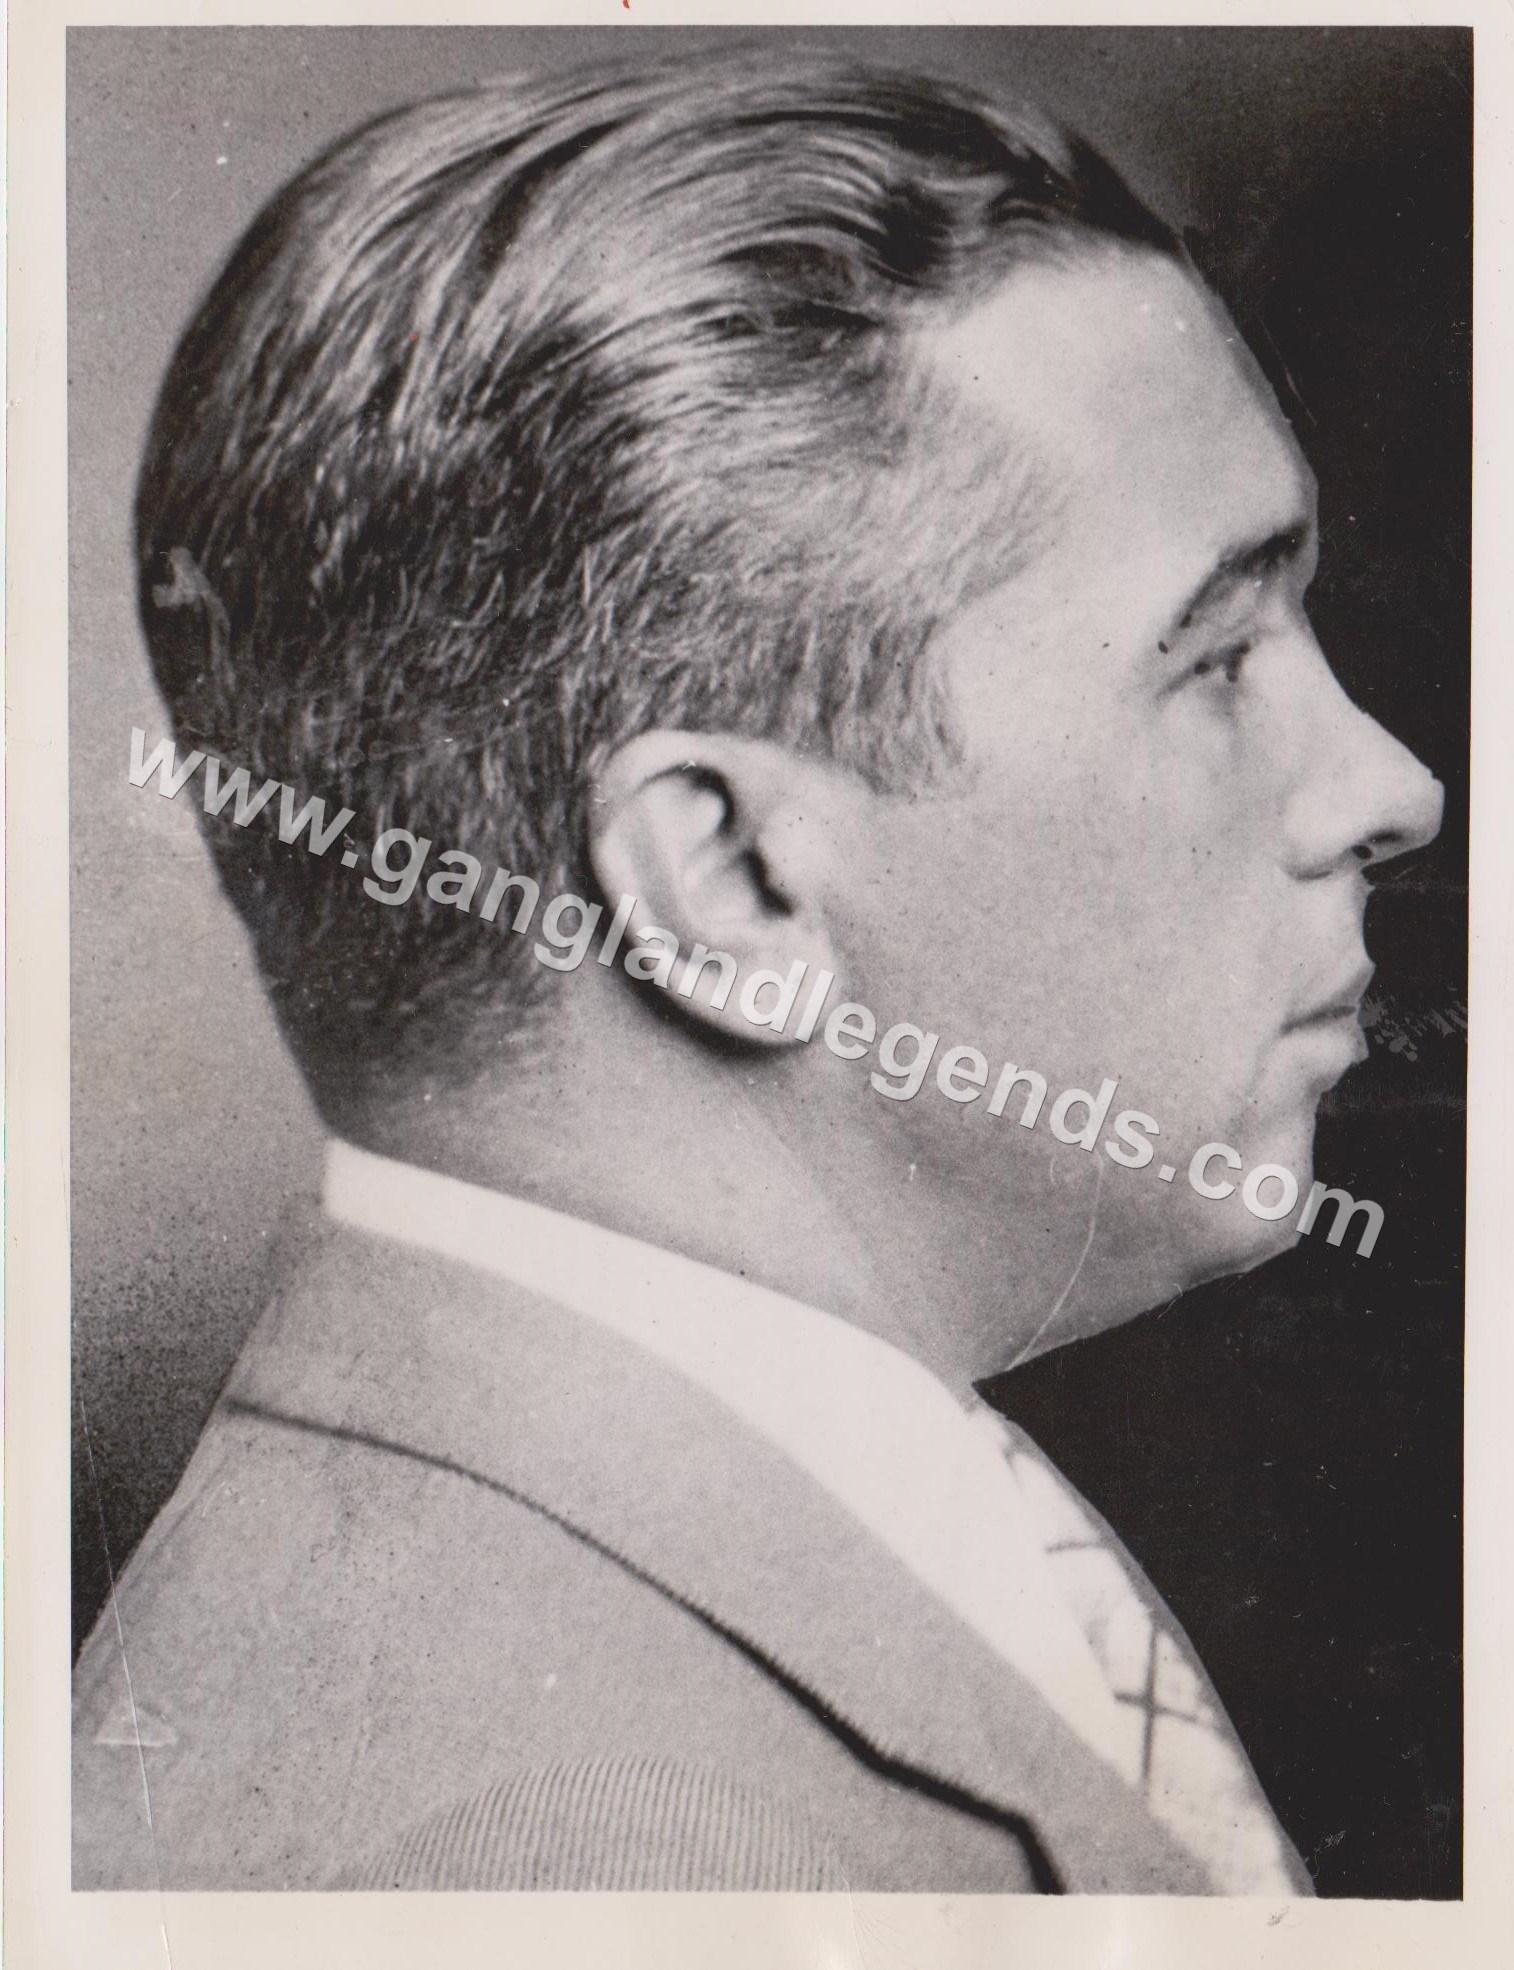 Mugshot Joe Adonis 1937 1